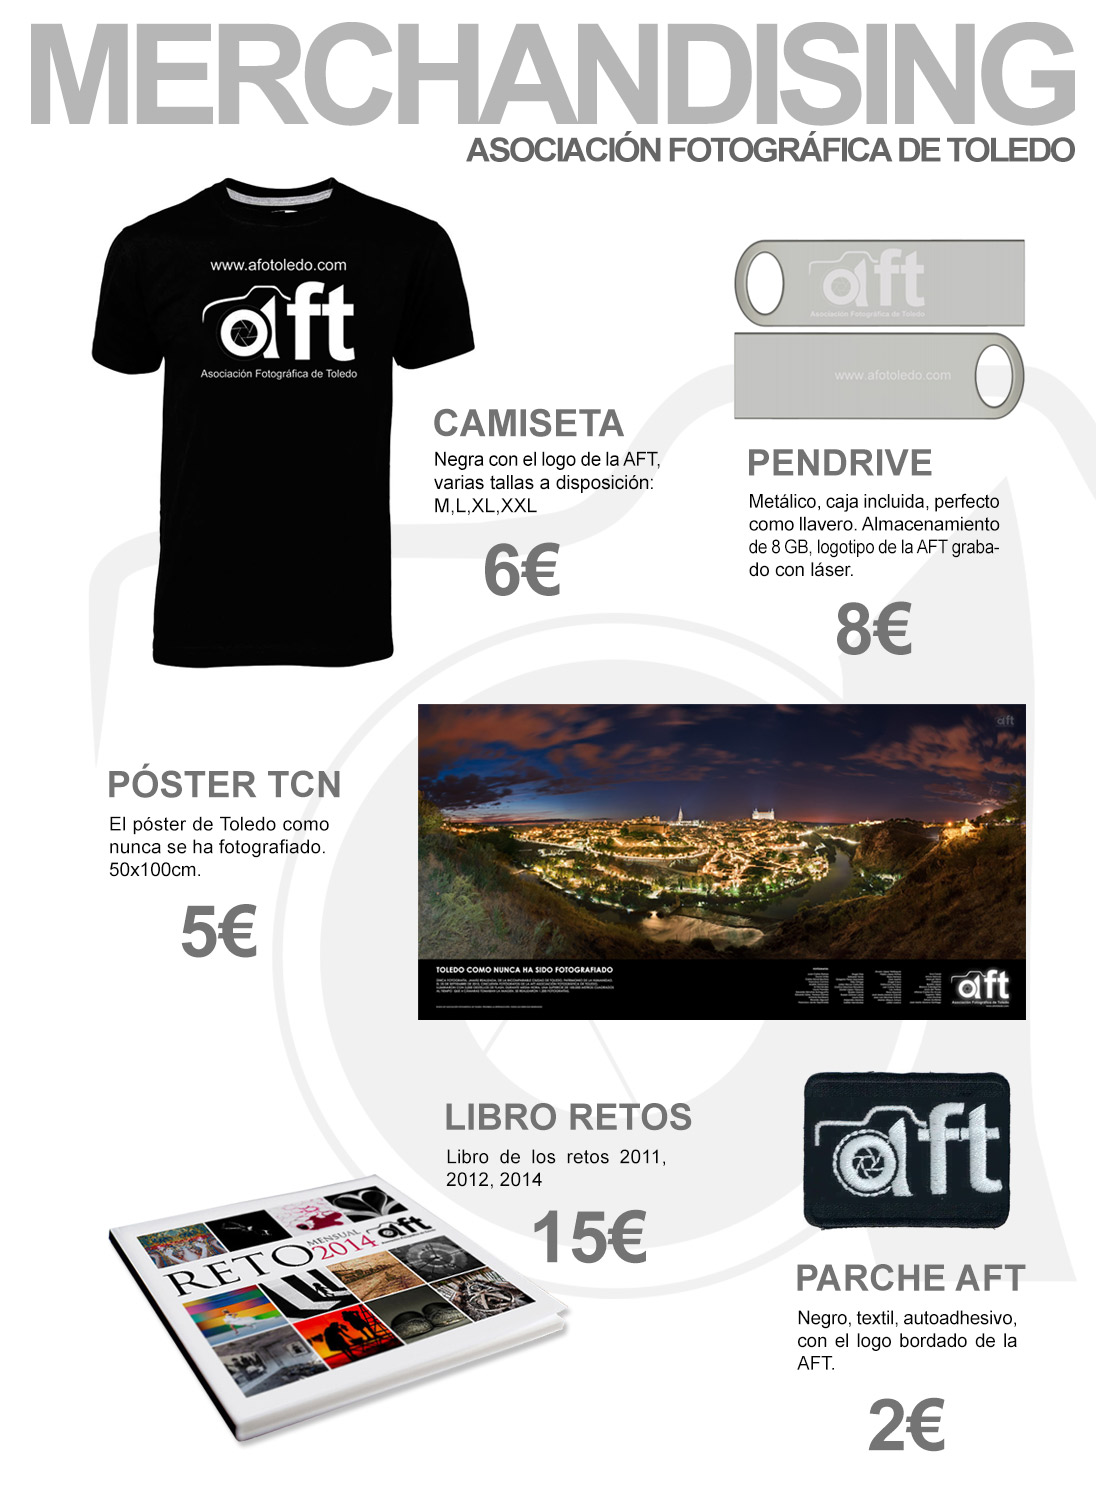 Merchandising AFT